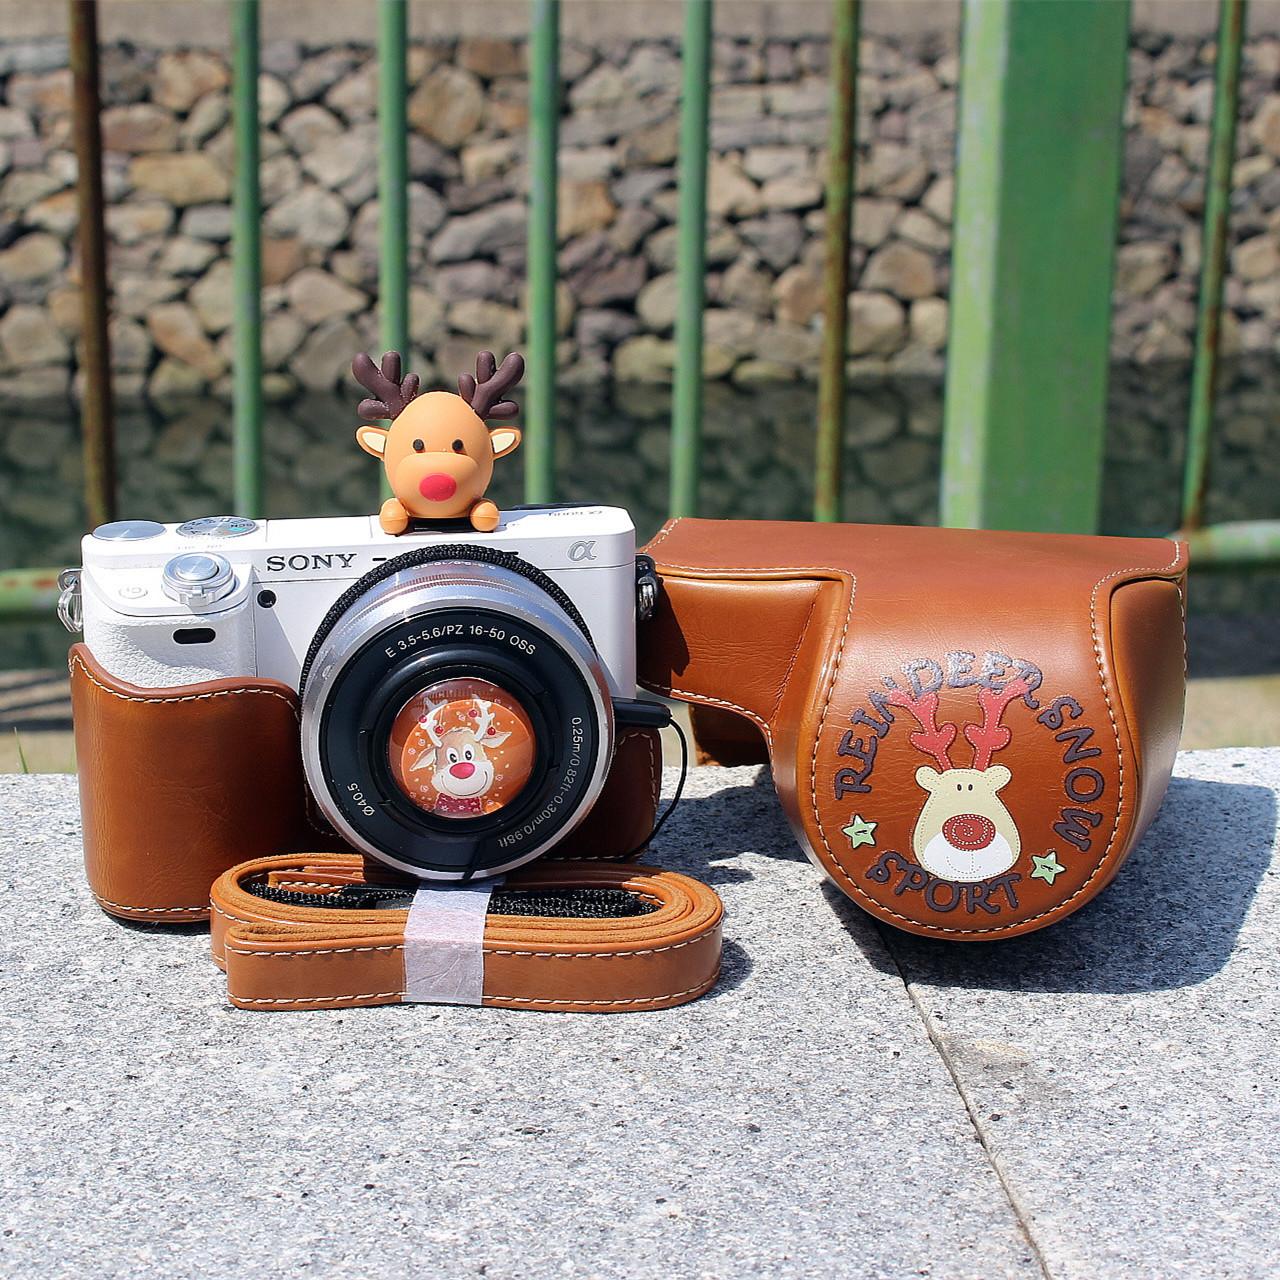 適合佳能m6m50m100索尼a5100a6000相機套相機包保護套殼可愛小鹿